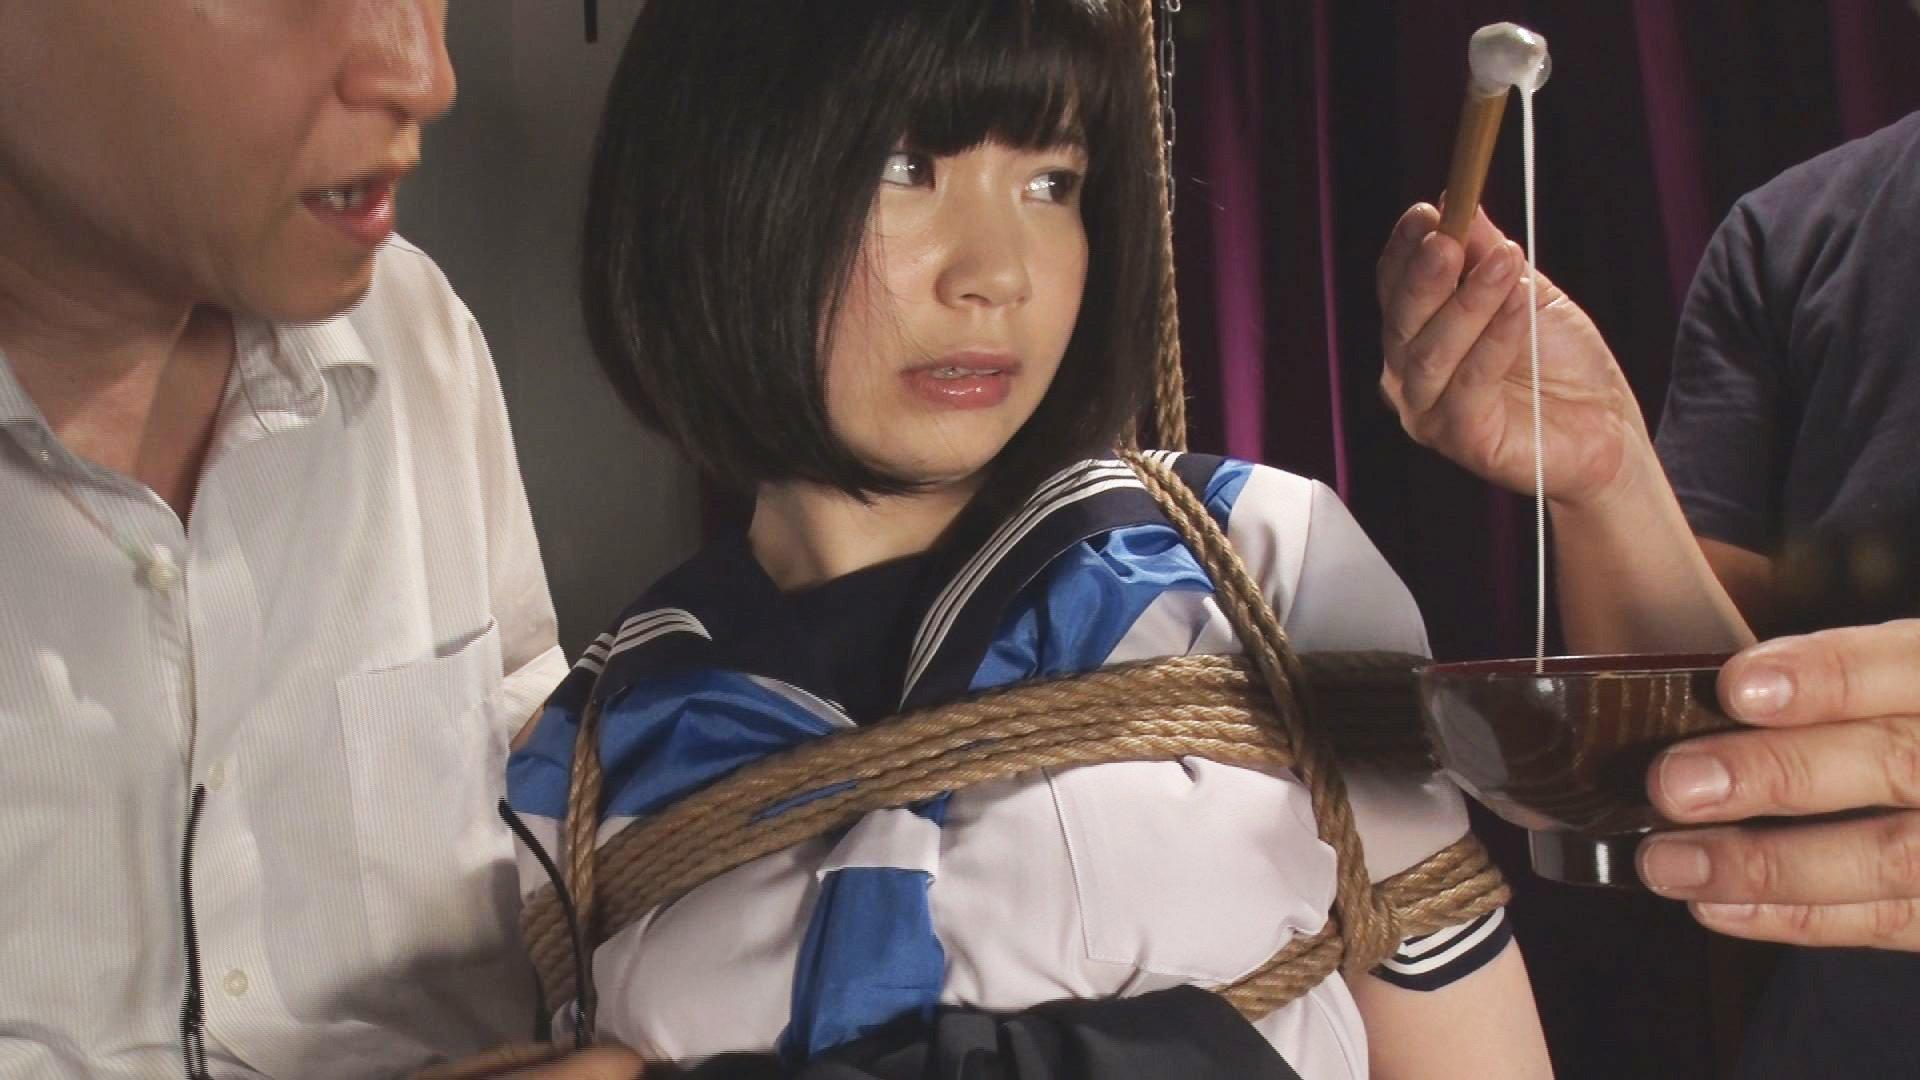 インモラル天使緊縛 縄とセーラー服がお似合い過ぎて、まるで往年の名作・インモラル天使シリーズかな?!と思う瞬間もチラホラ。始終、こんな可憐なお嬢さんを縛れるだなんて!